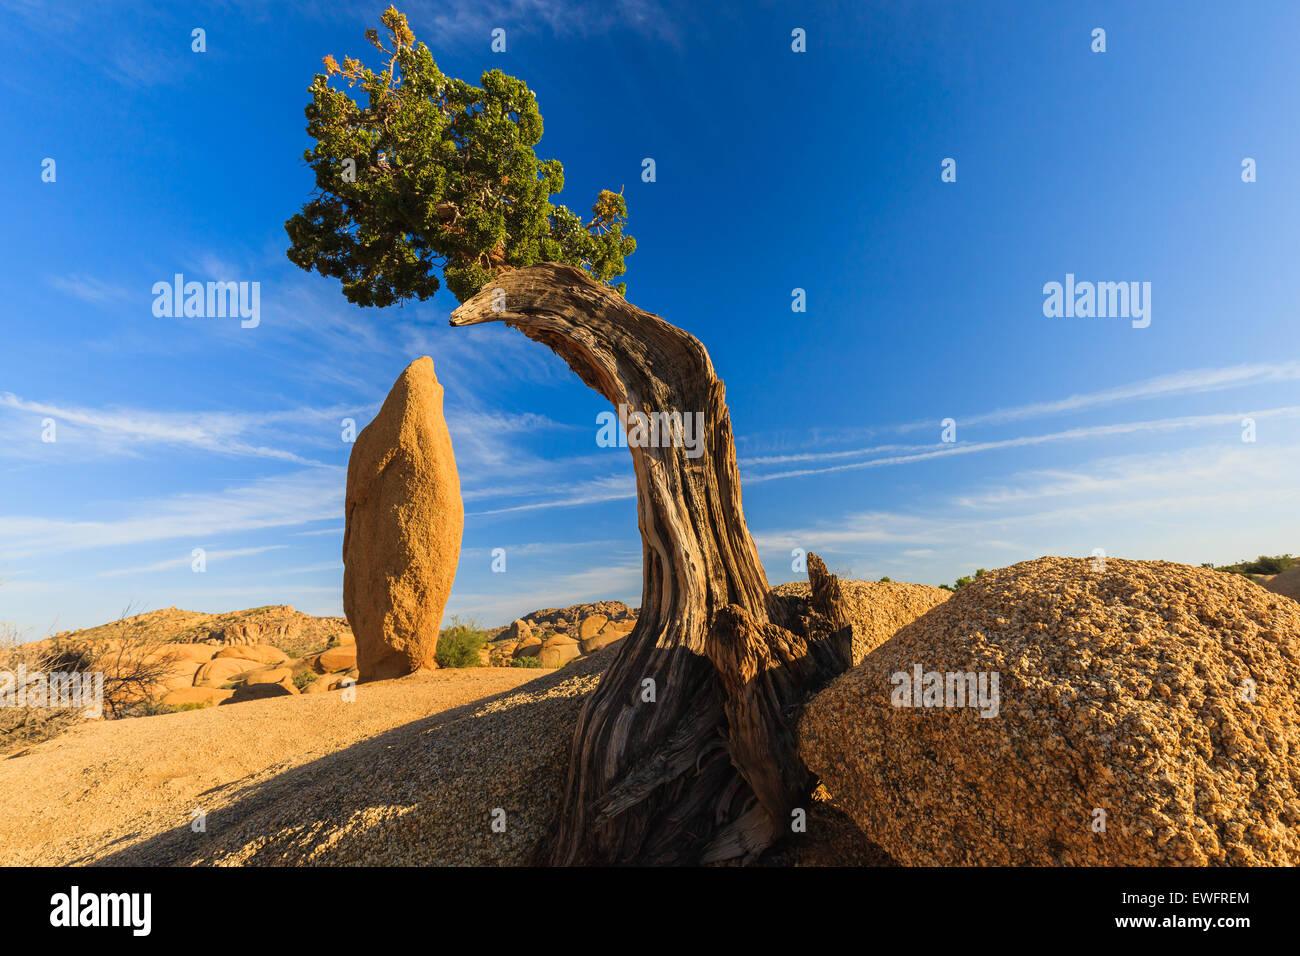 Albero di ginepro e roccia conica al Jumbo rocce a Joshua Tree National Park California USA. Immagini Stock